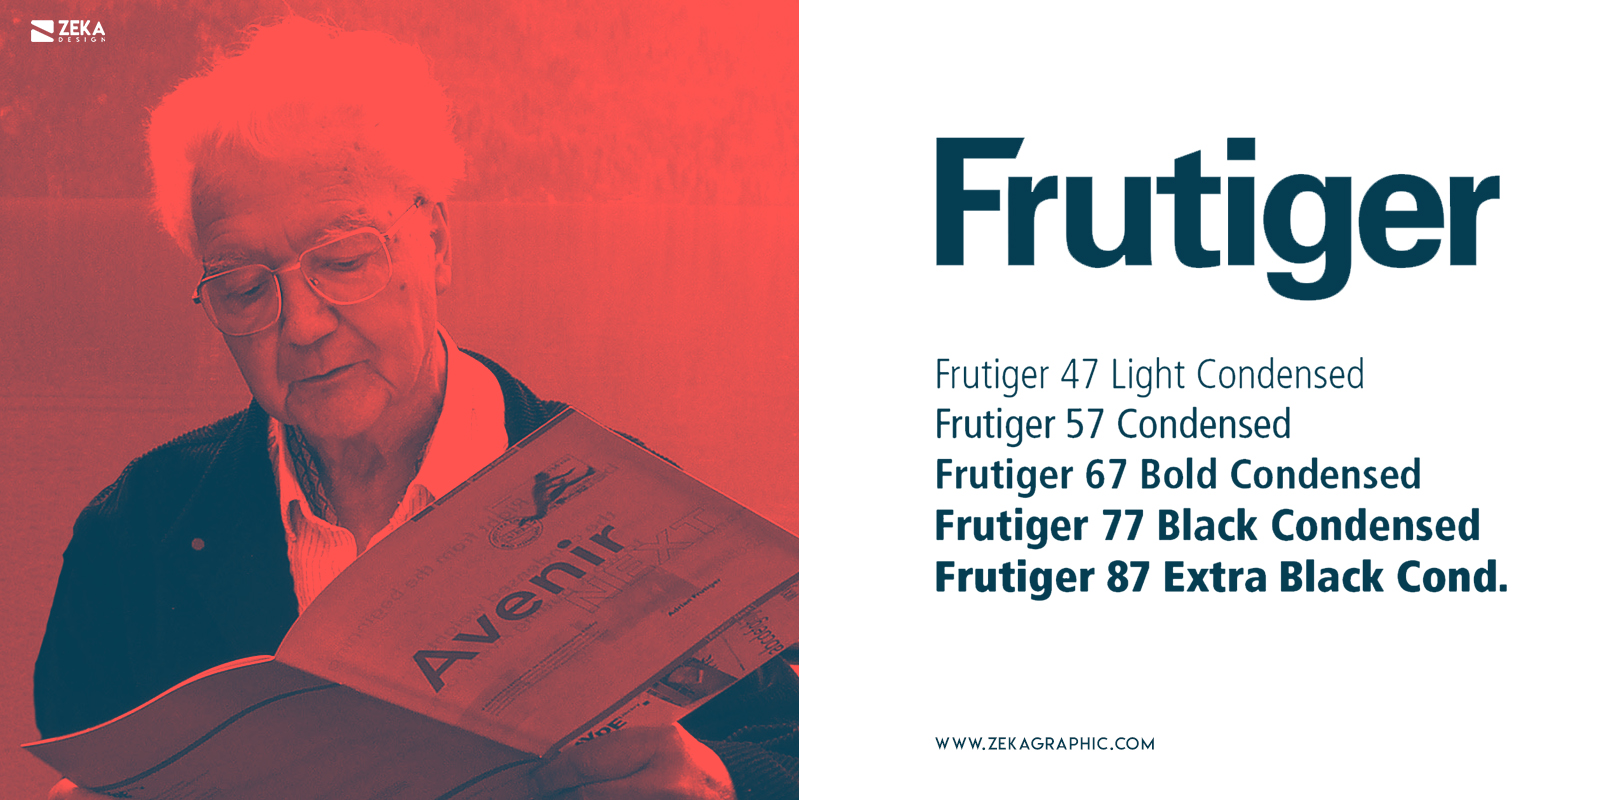 Frutiger Fonts Every Graphic Designer Should Have